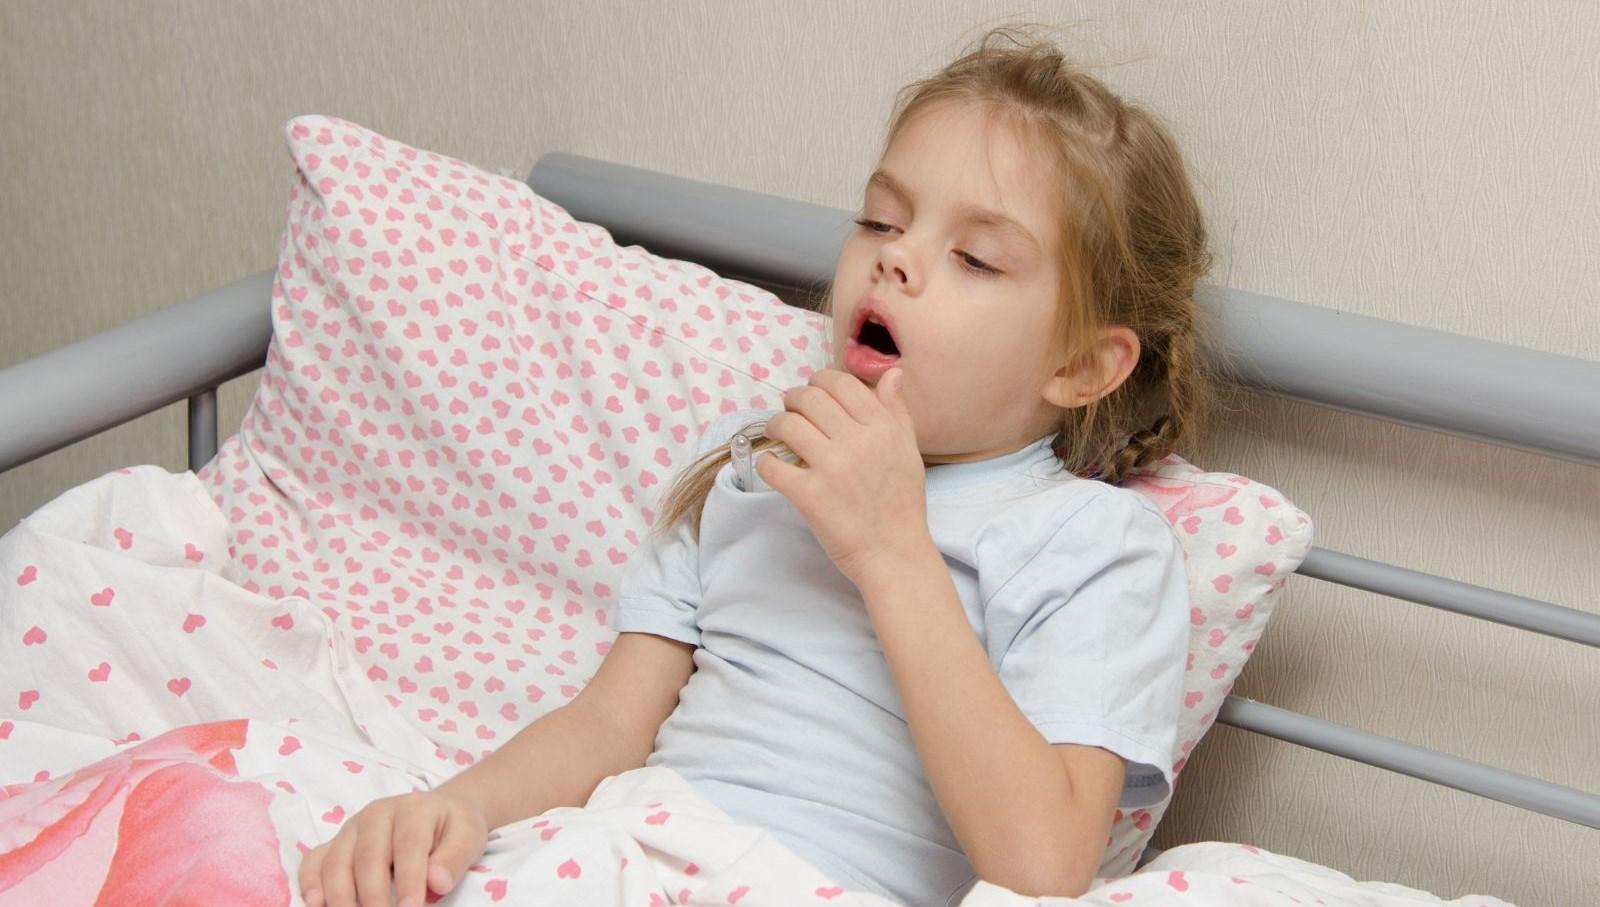 Кашель сопровождается рвотным рефлексом. как лечить кашель до рвоты у взрослого